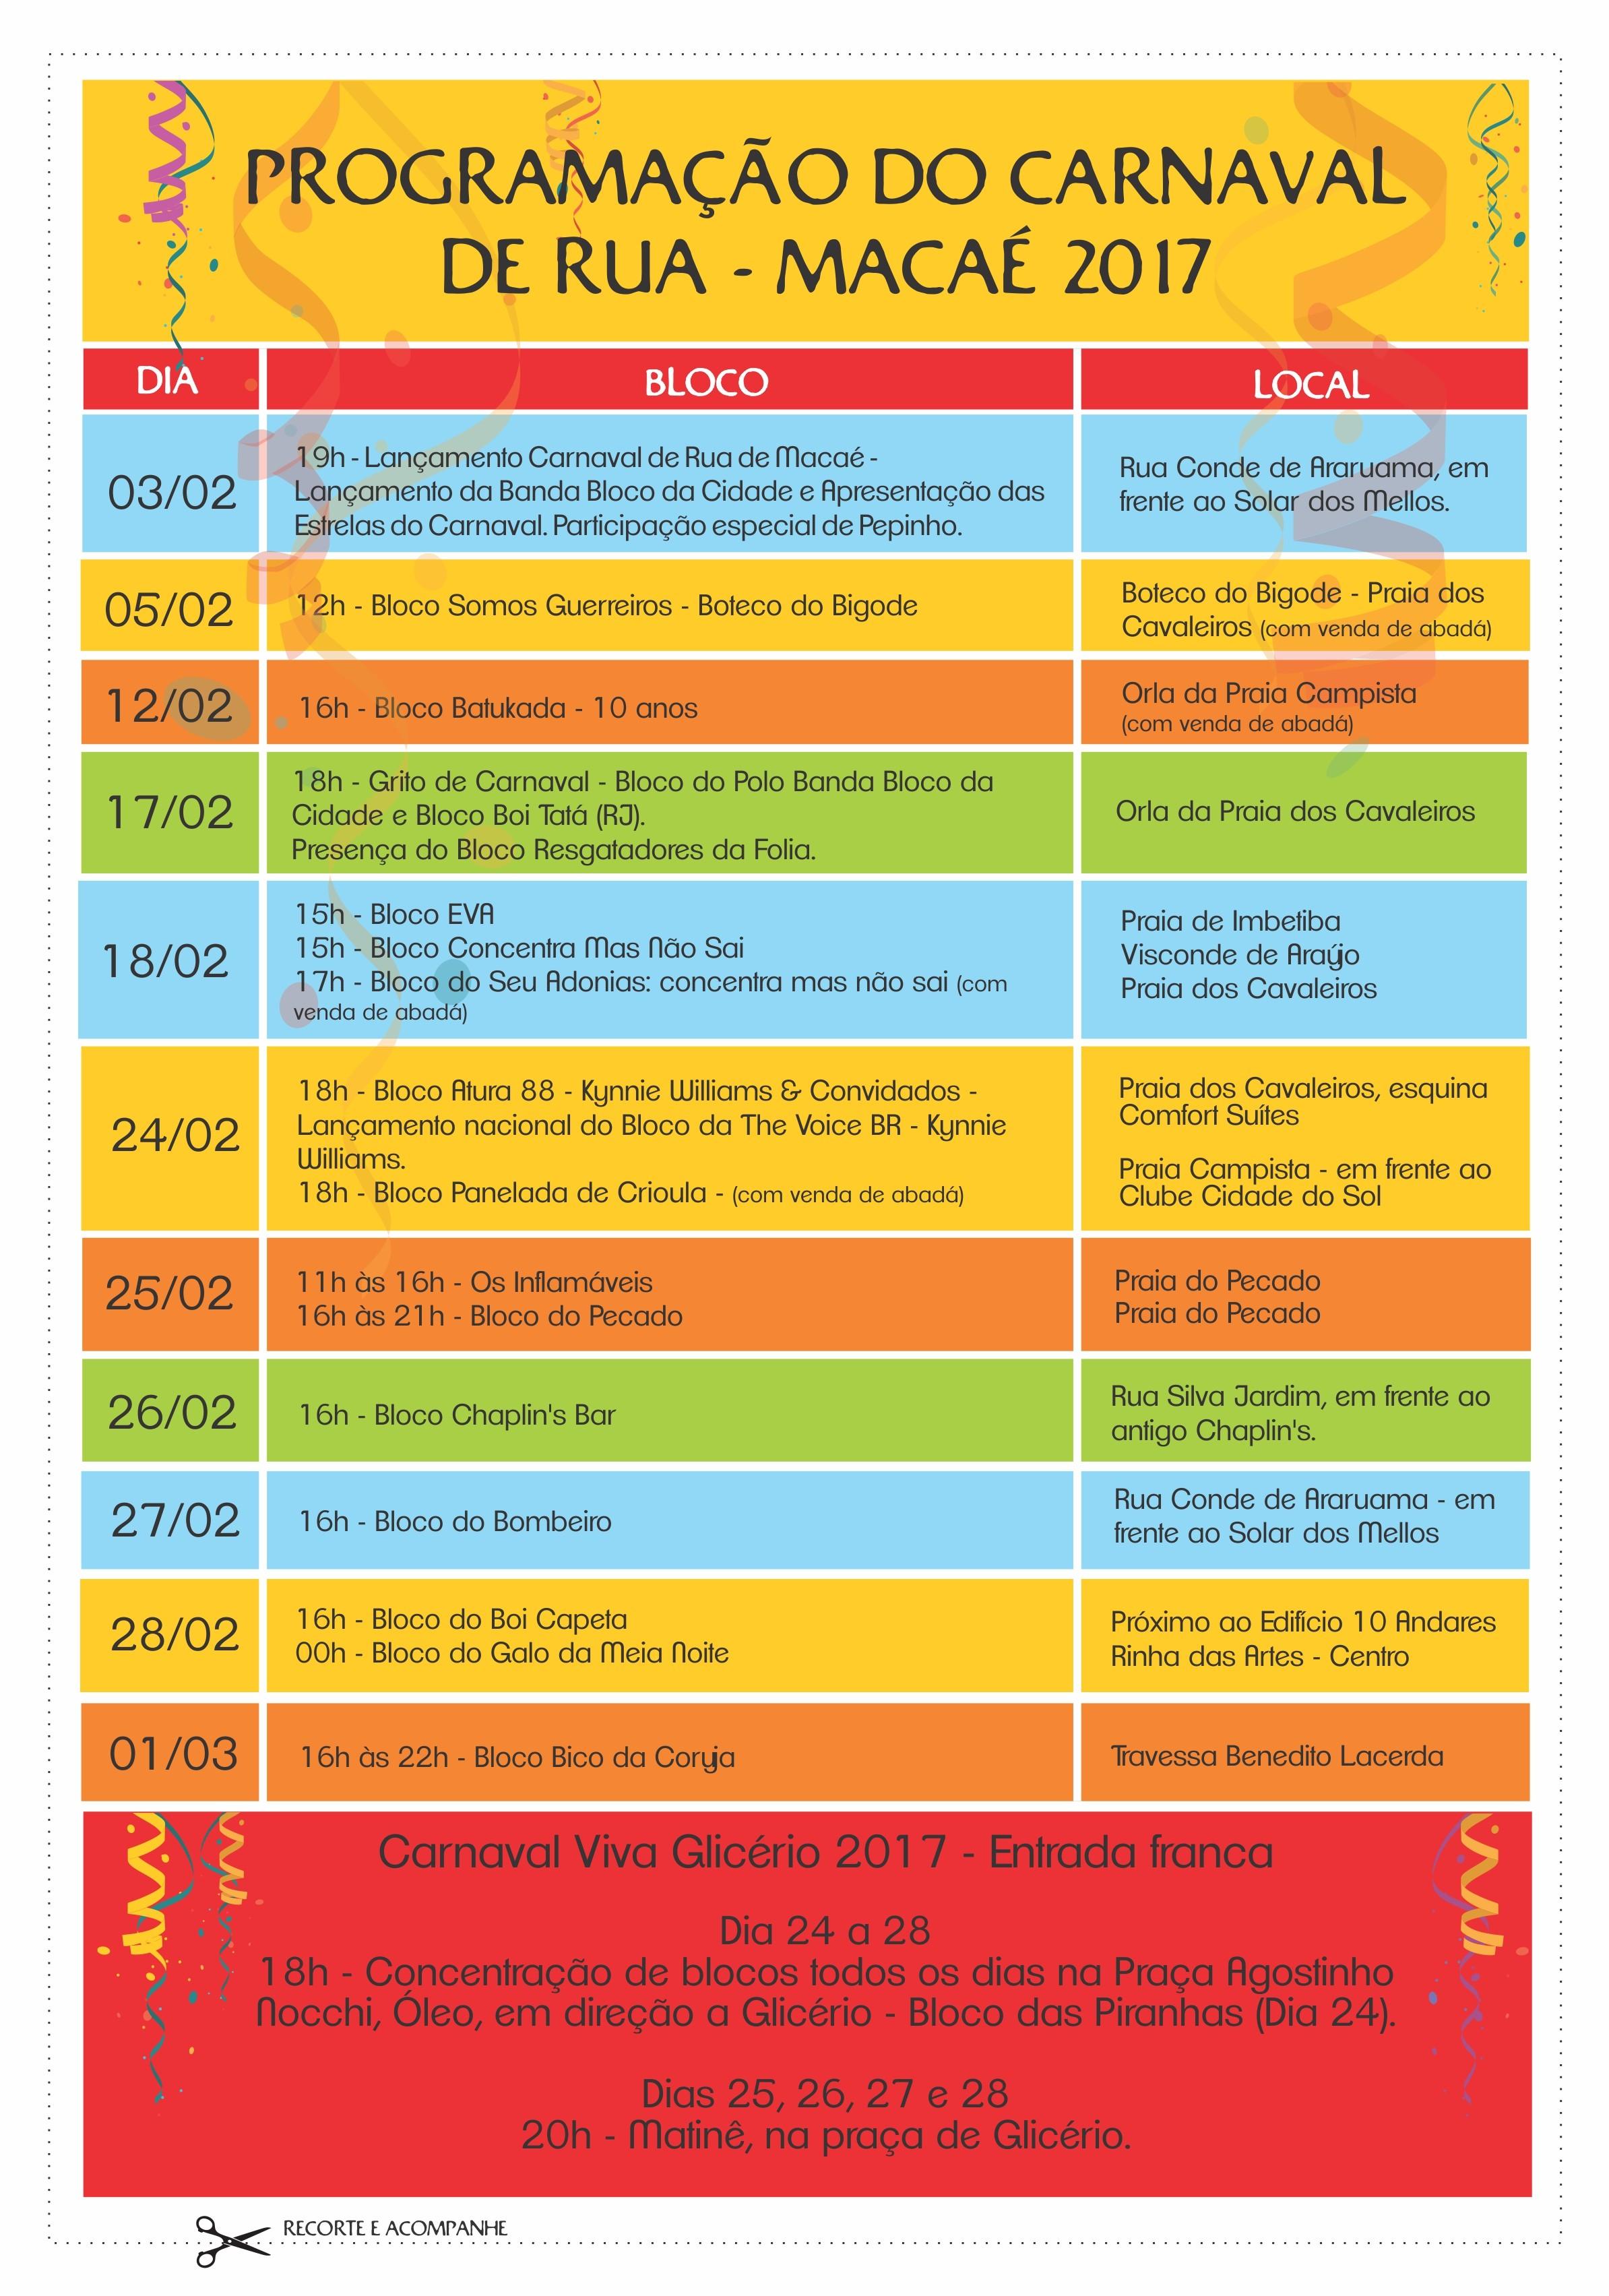 Calendario 2019 Carnavales Más Recientemente Liberado Index Of Midia Of Calendario 2019 Carnavales Más Populares Tiene Lugar Entre Julio Dogmagazine